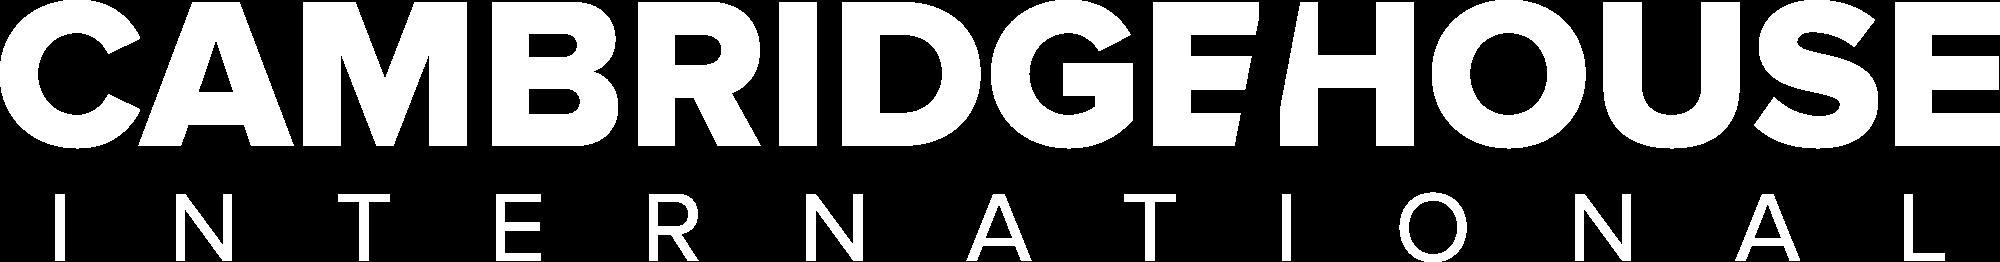 logo-white-2000x262.png